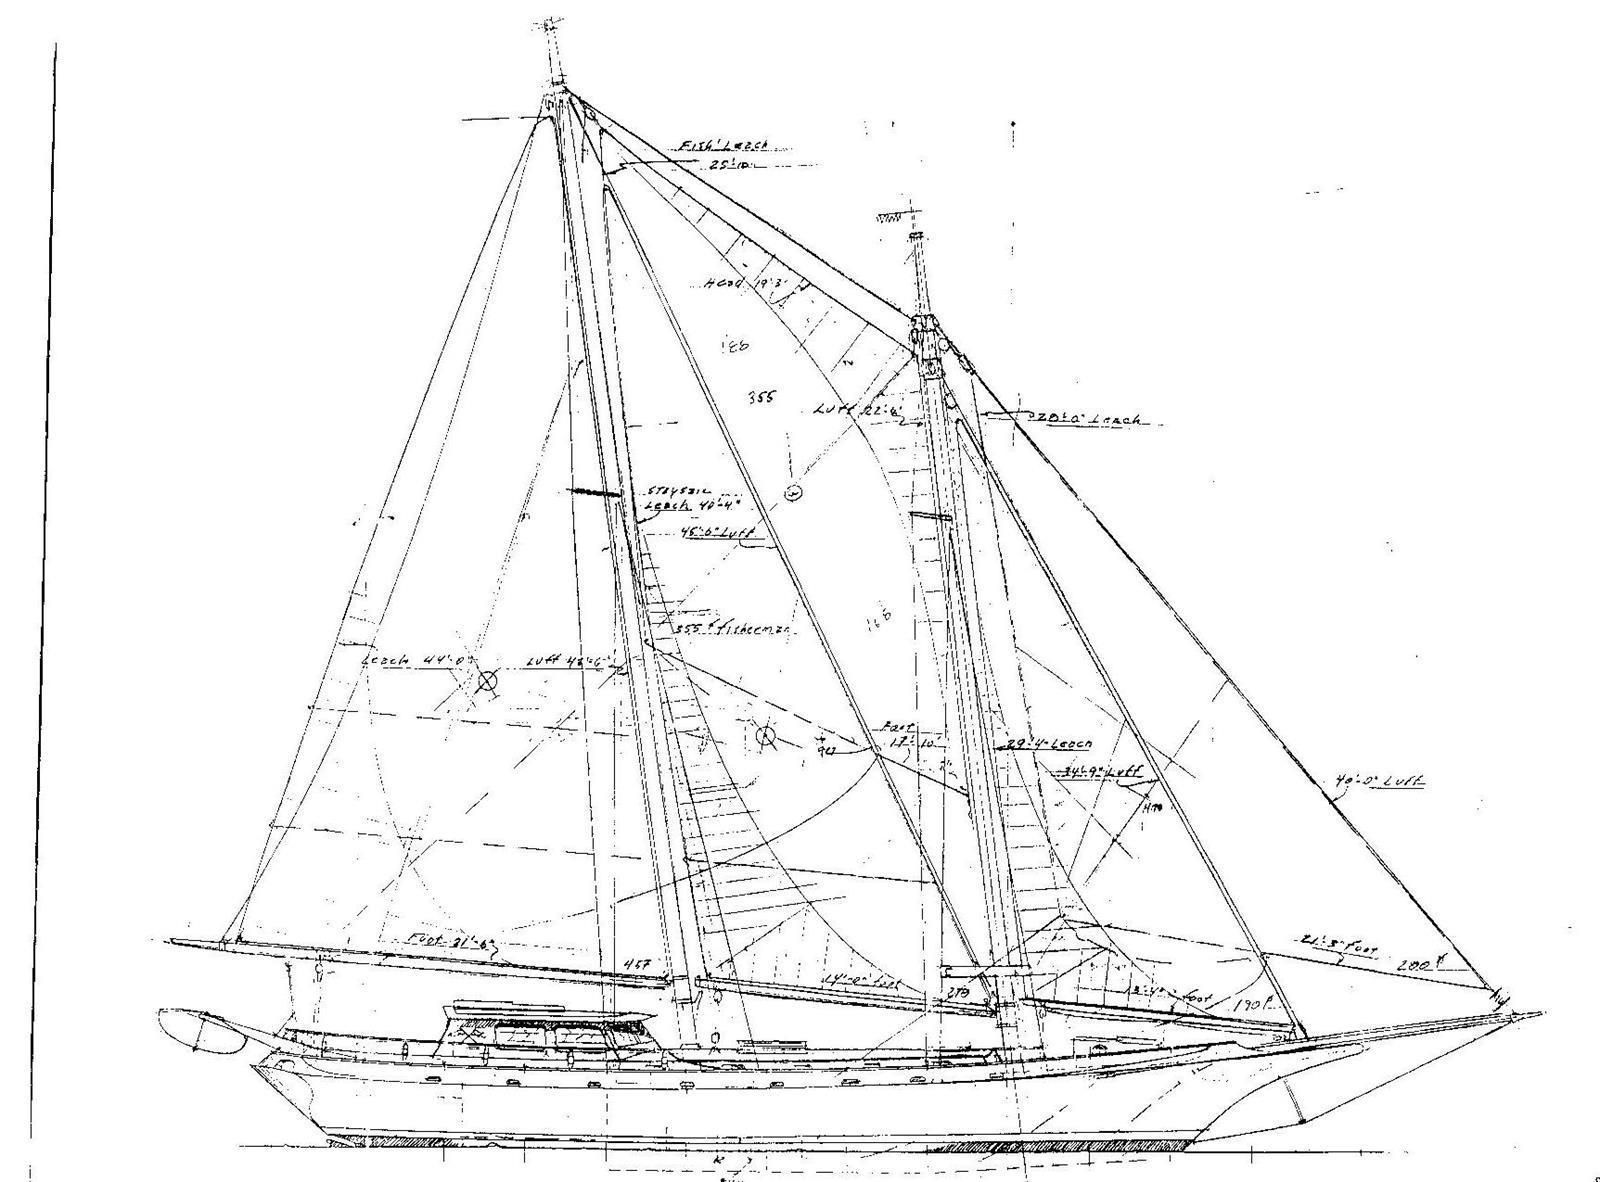 Royal marine yacht sales 2008 william garden schooner for William garden sailboat designs